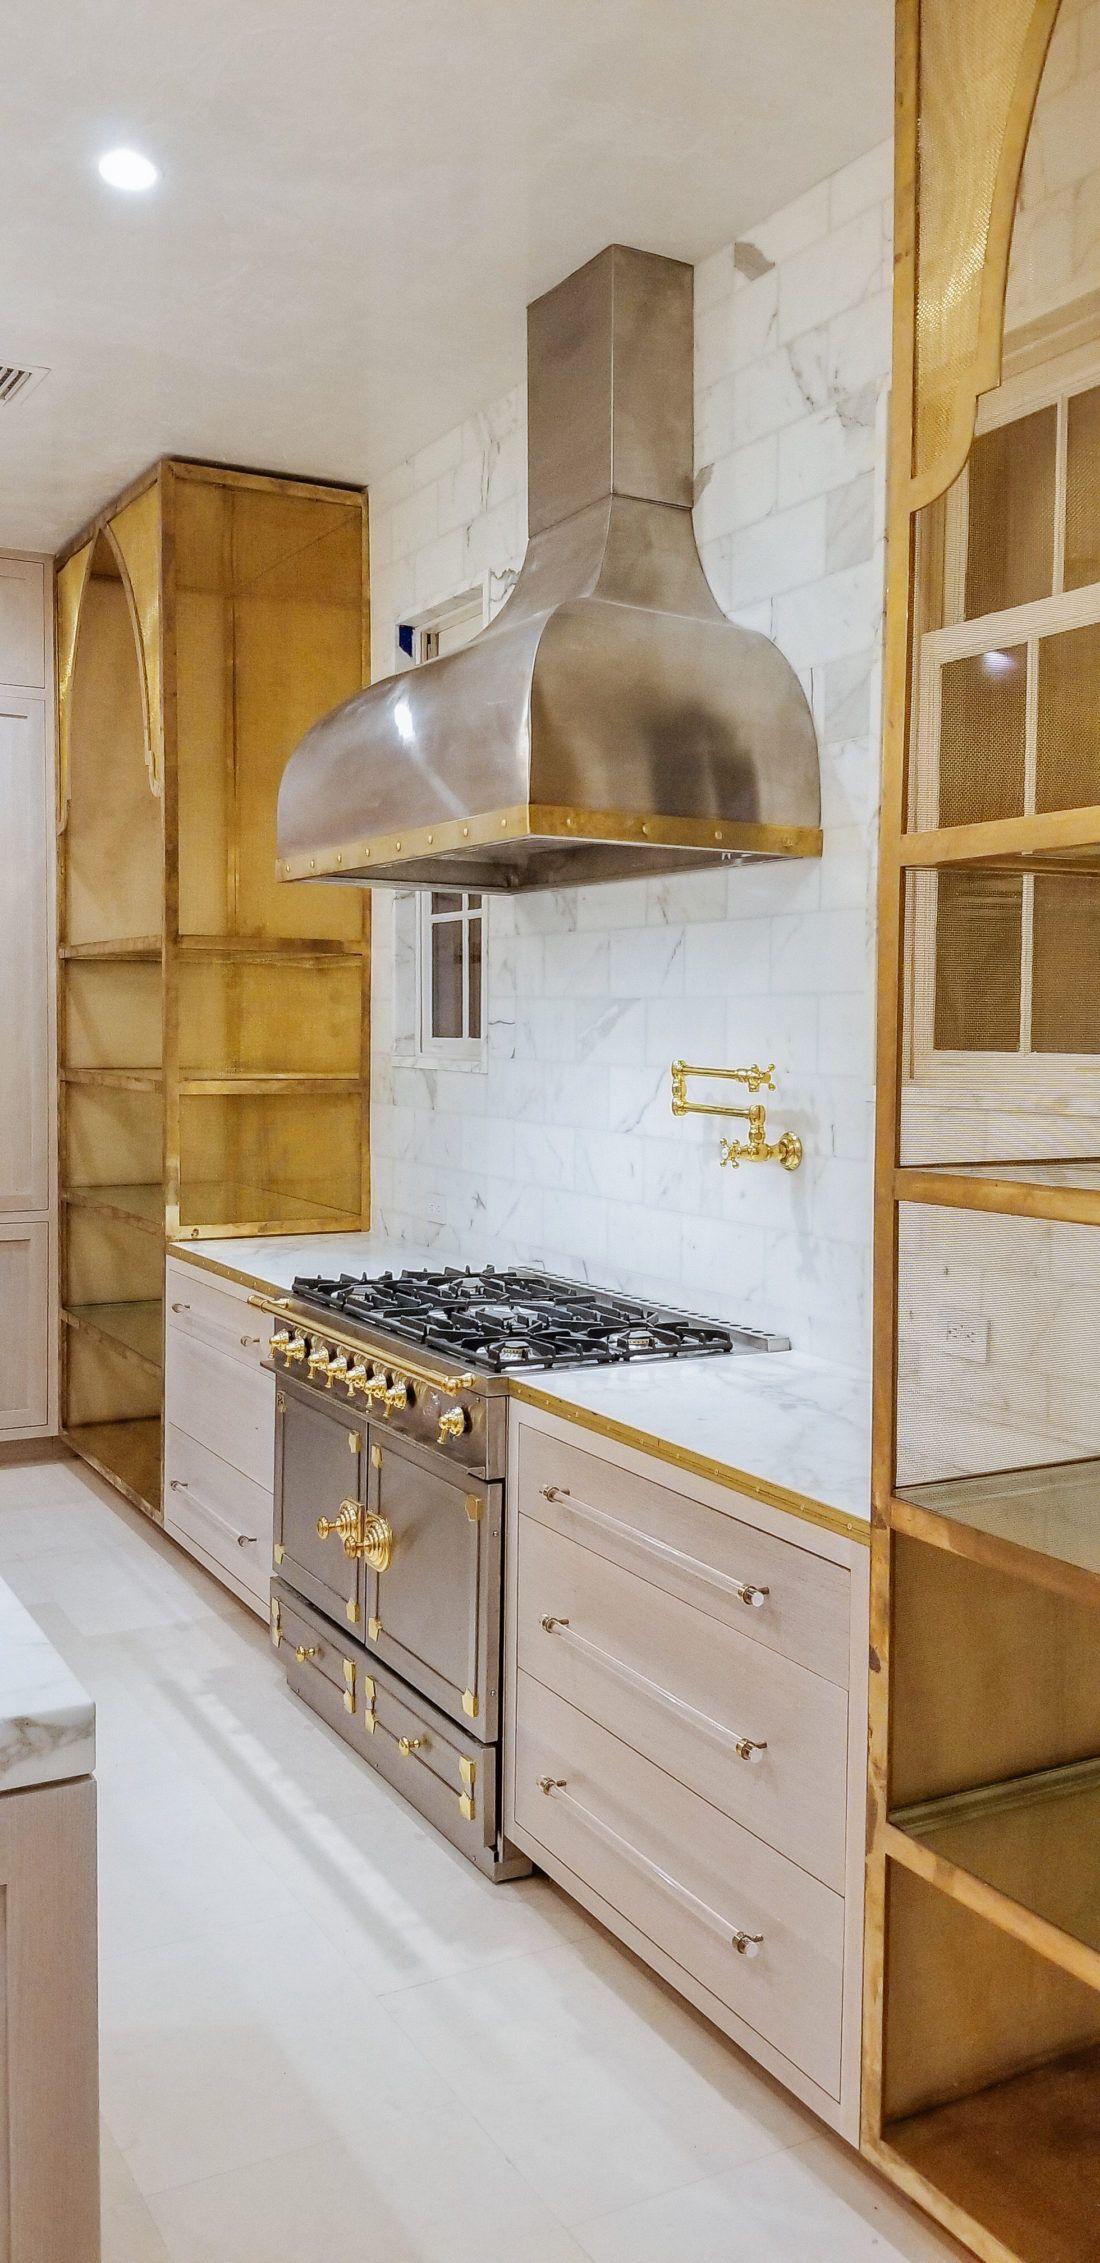 Golden Alys Beach Kitchen Cabinets Mdm Design Studio Cabinetry